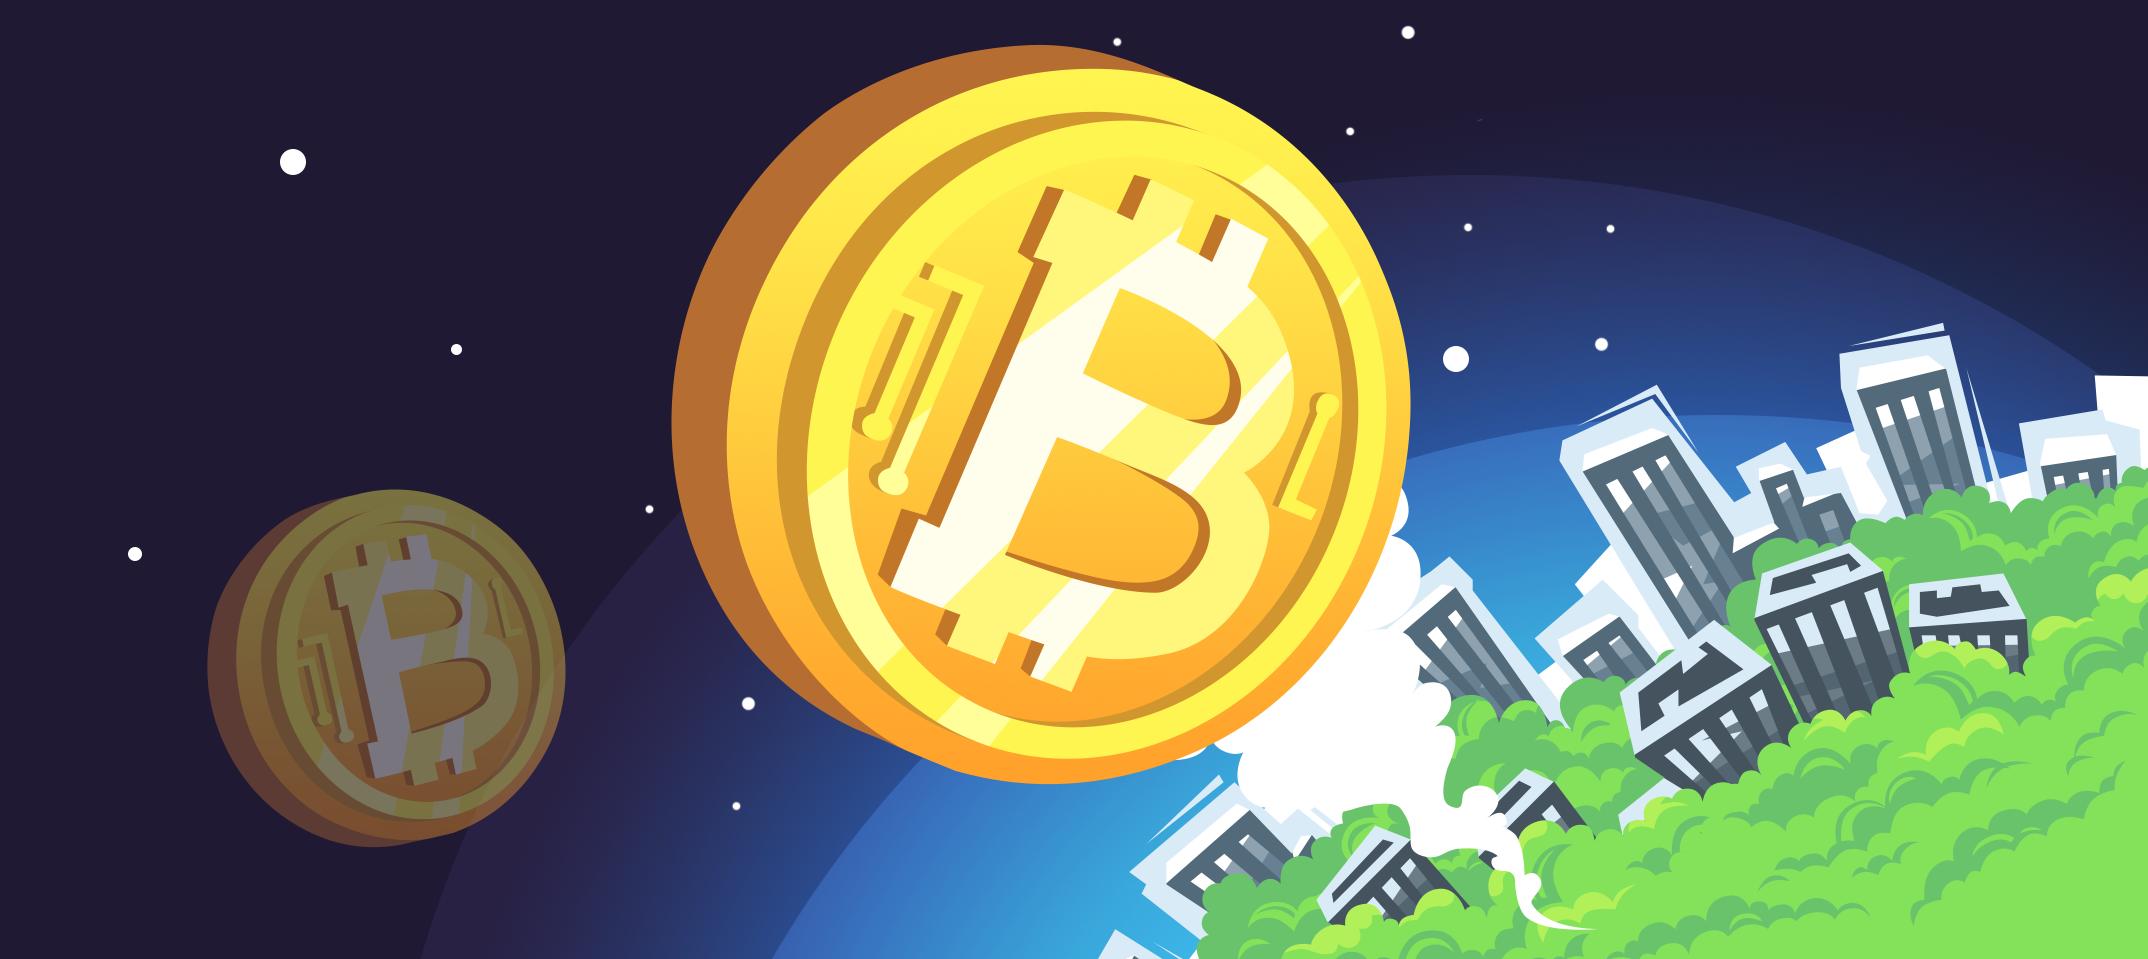 Bitcoin Black On Binance - Bitcoin